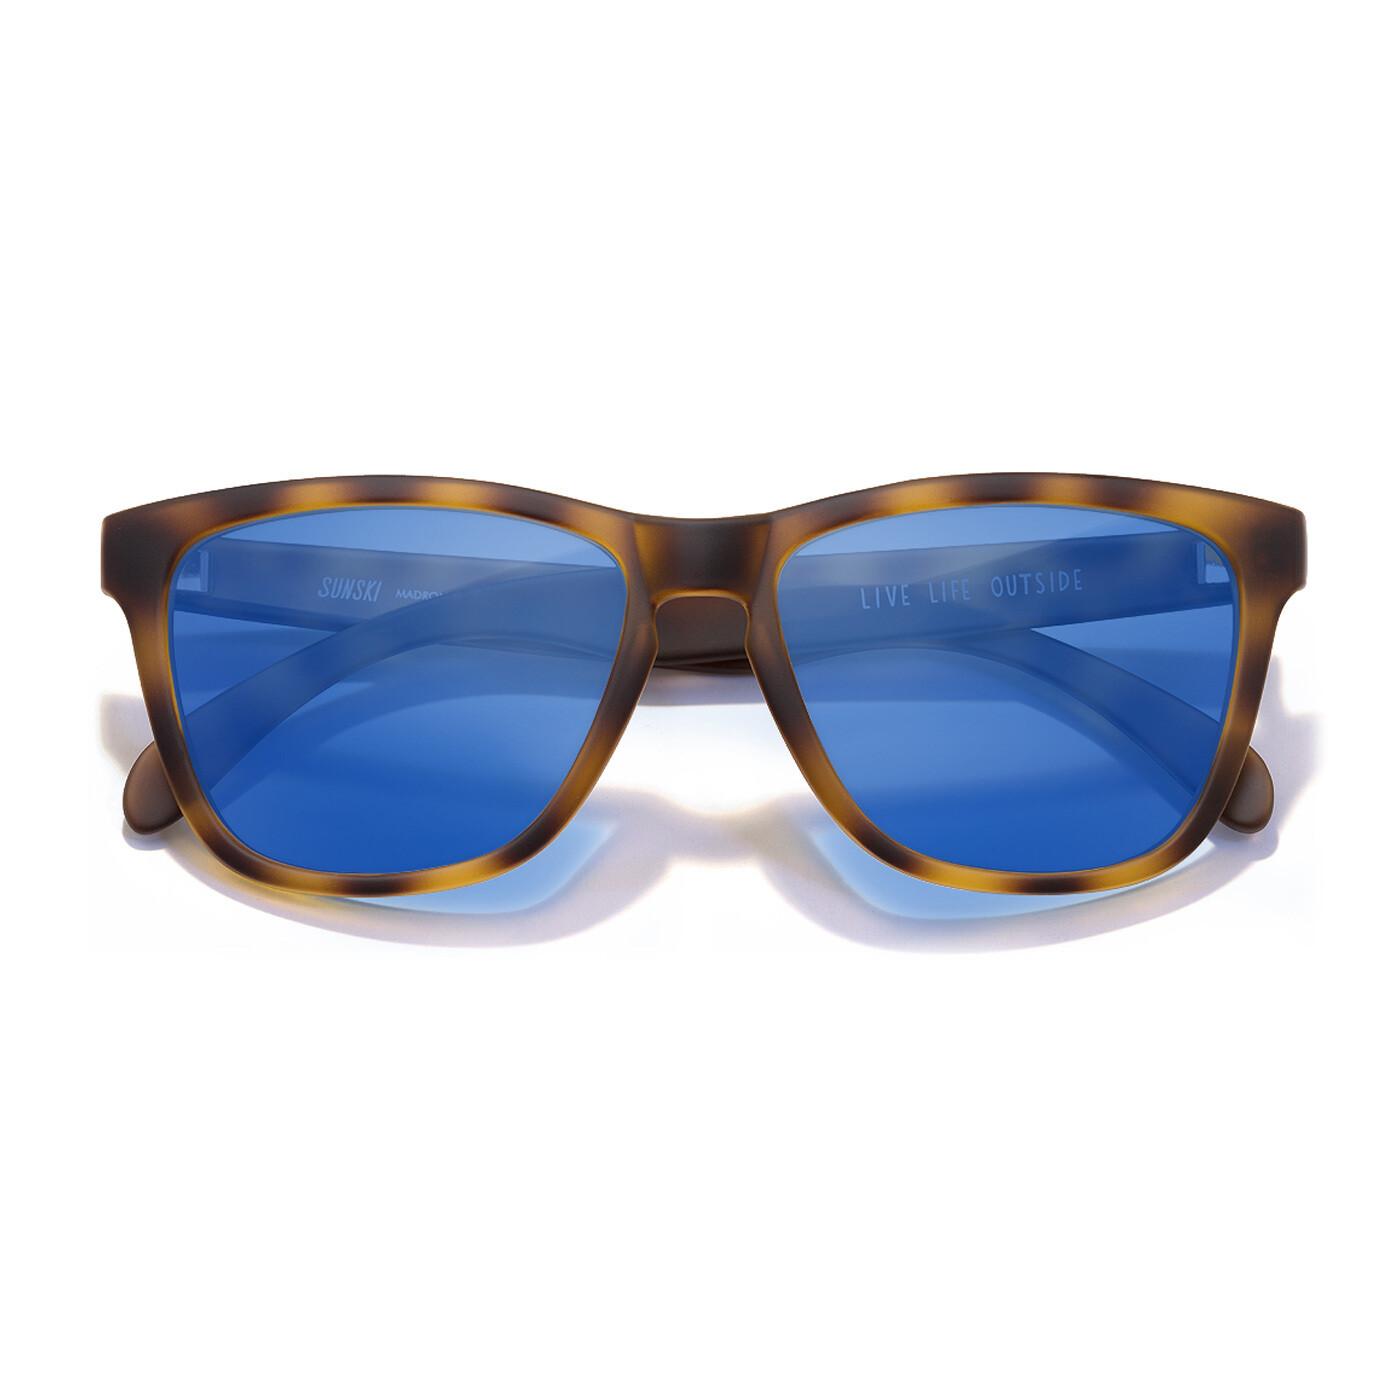 Sunski, Madrona, Tortoise Blue